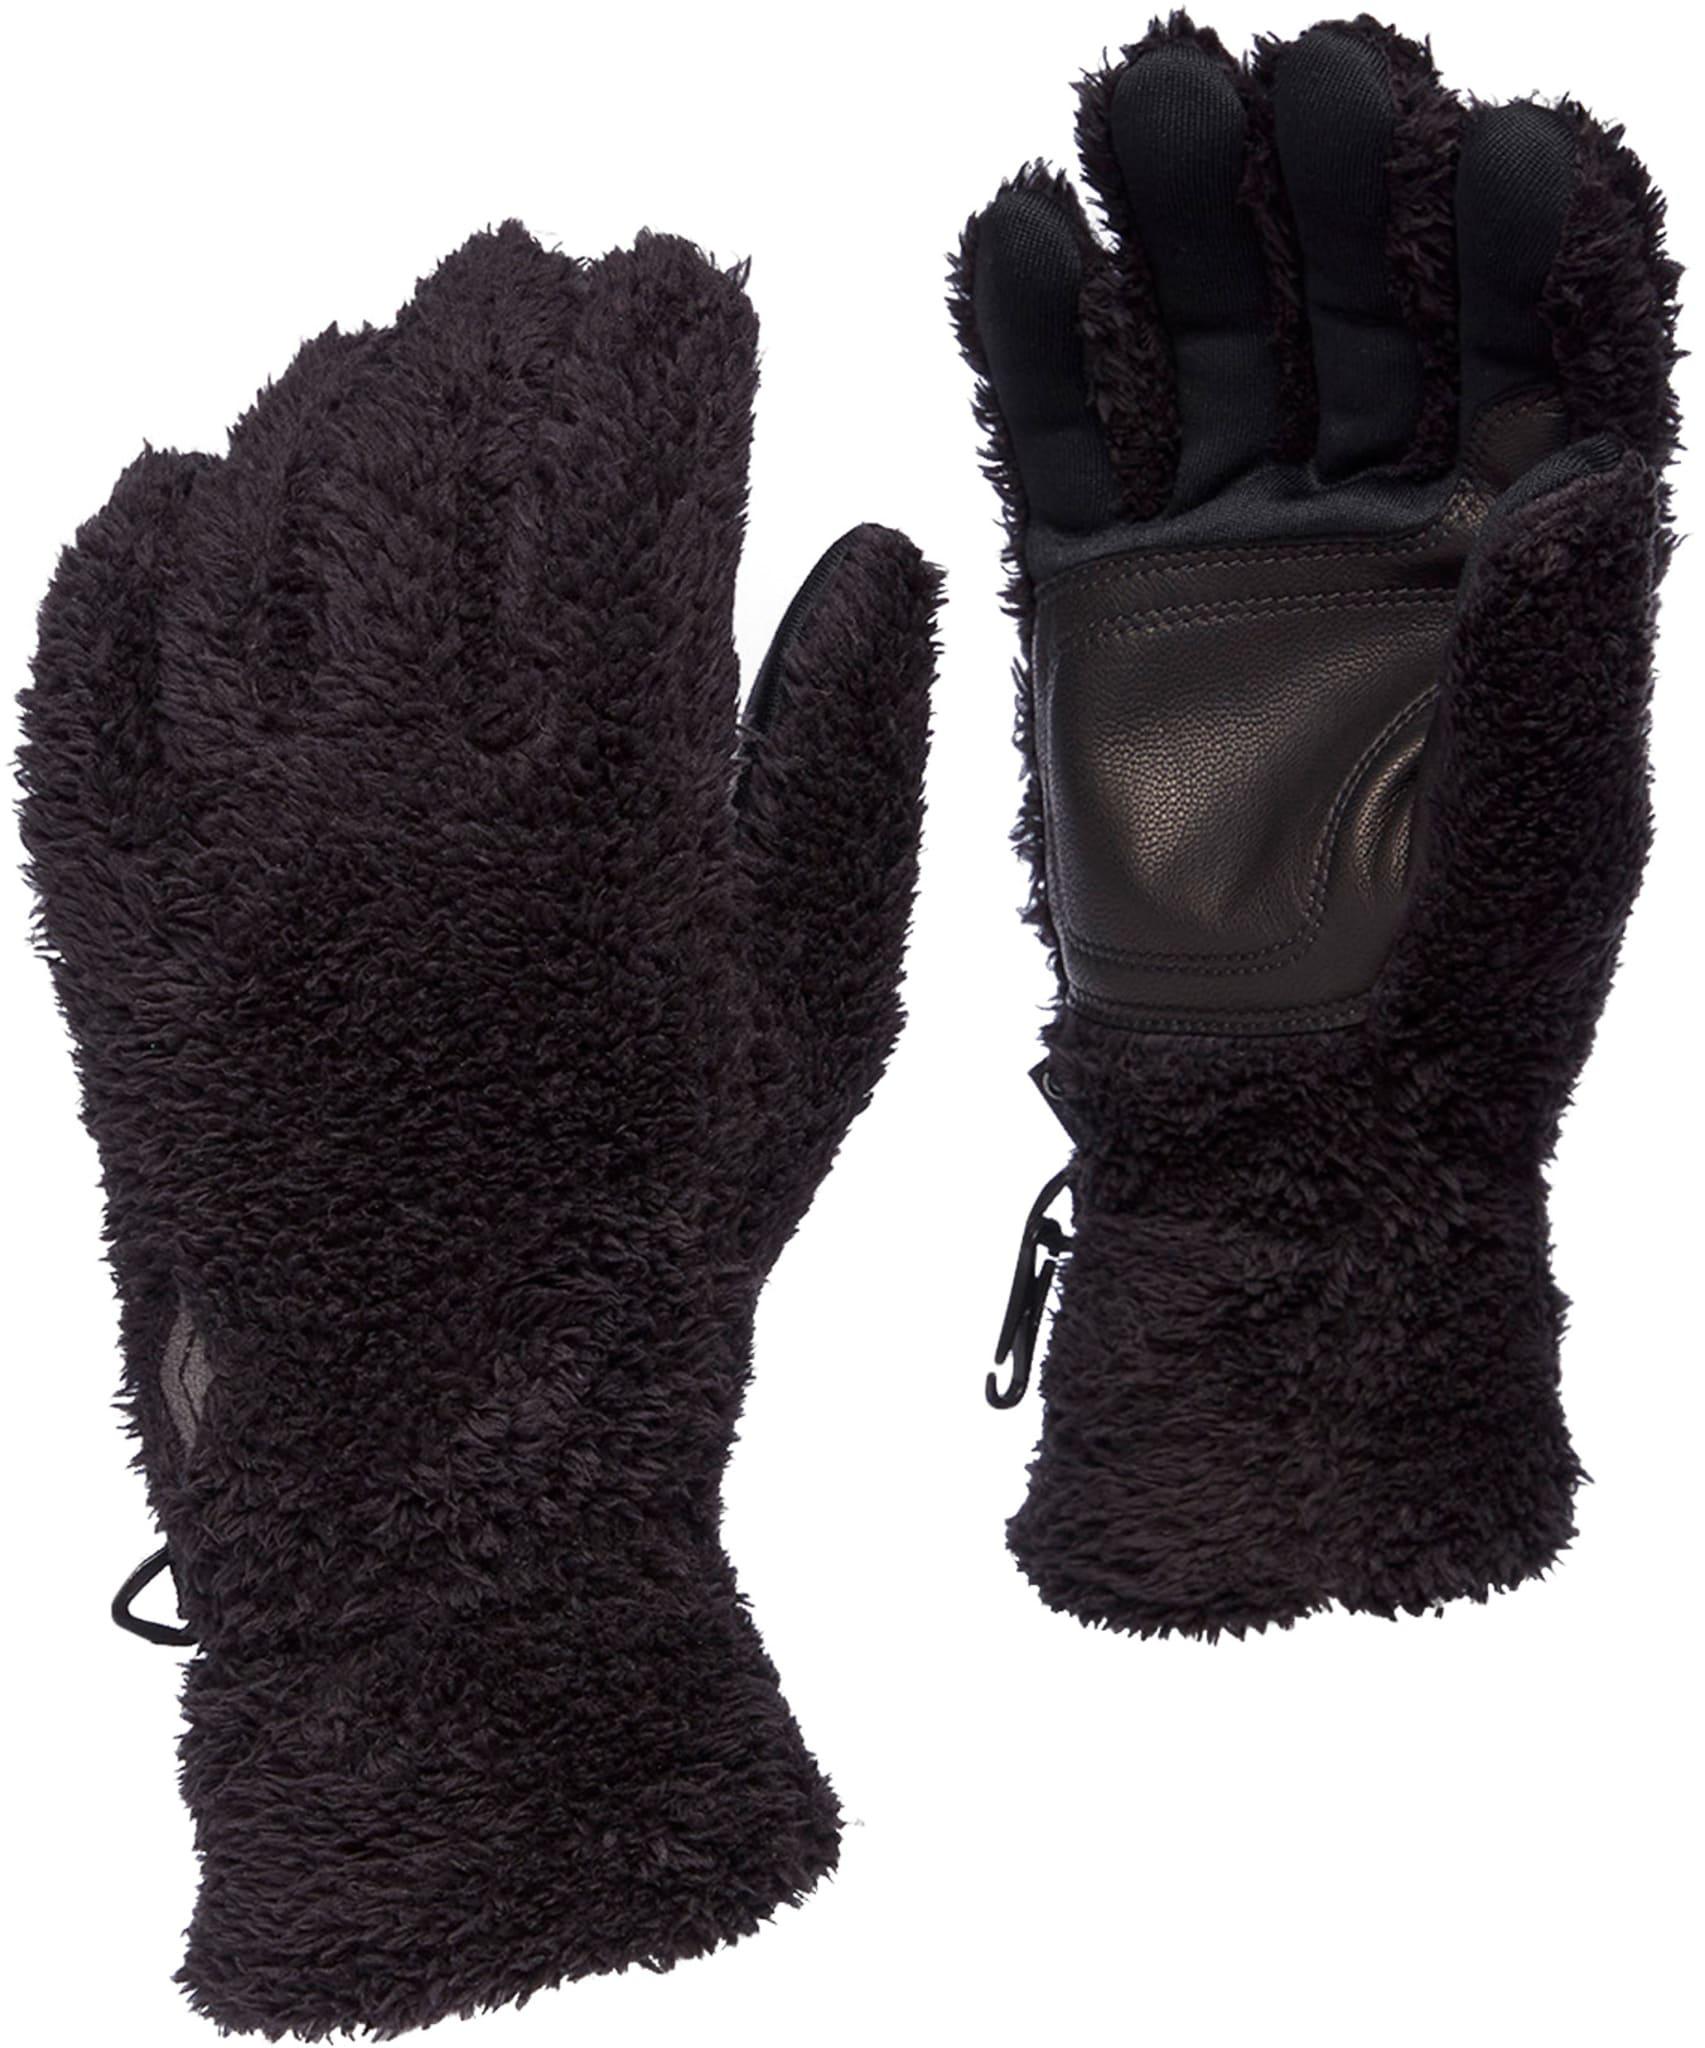 Varm hanske som er touchscreen-kompatibel